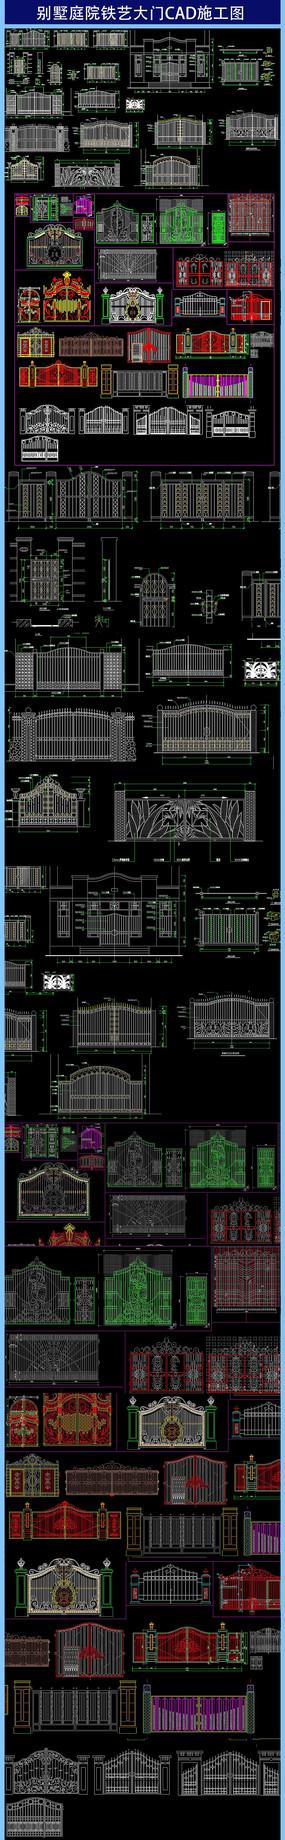 别墅庭院铁艺大门CAD施工图